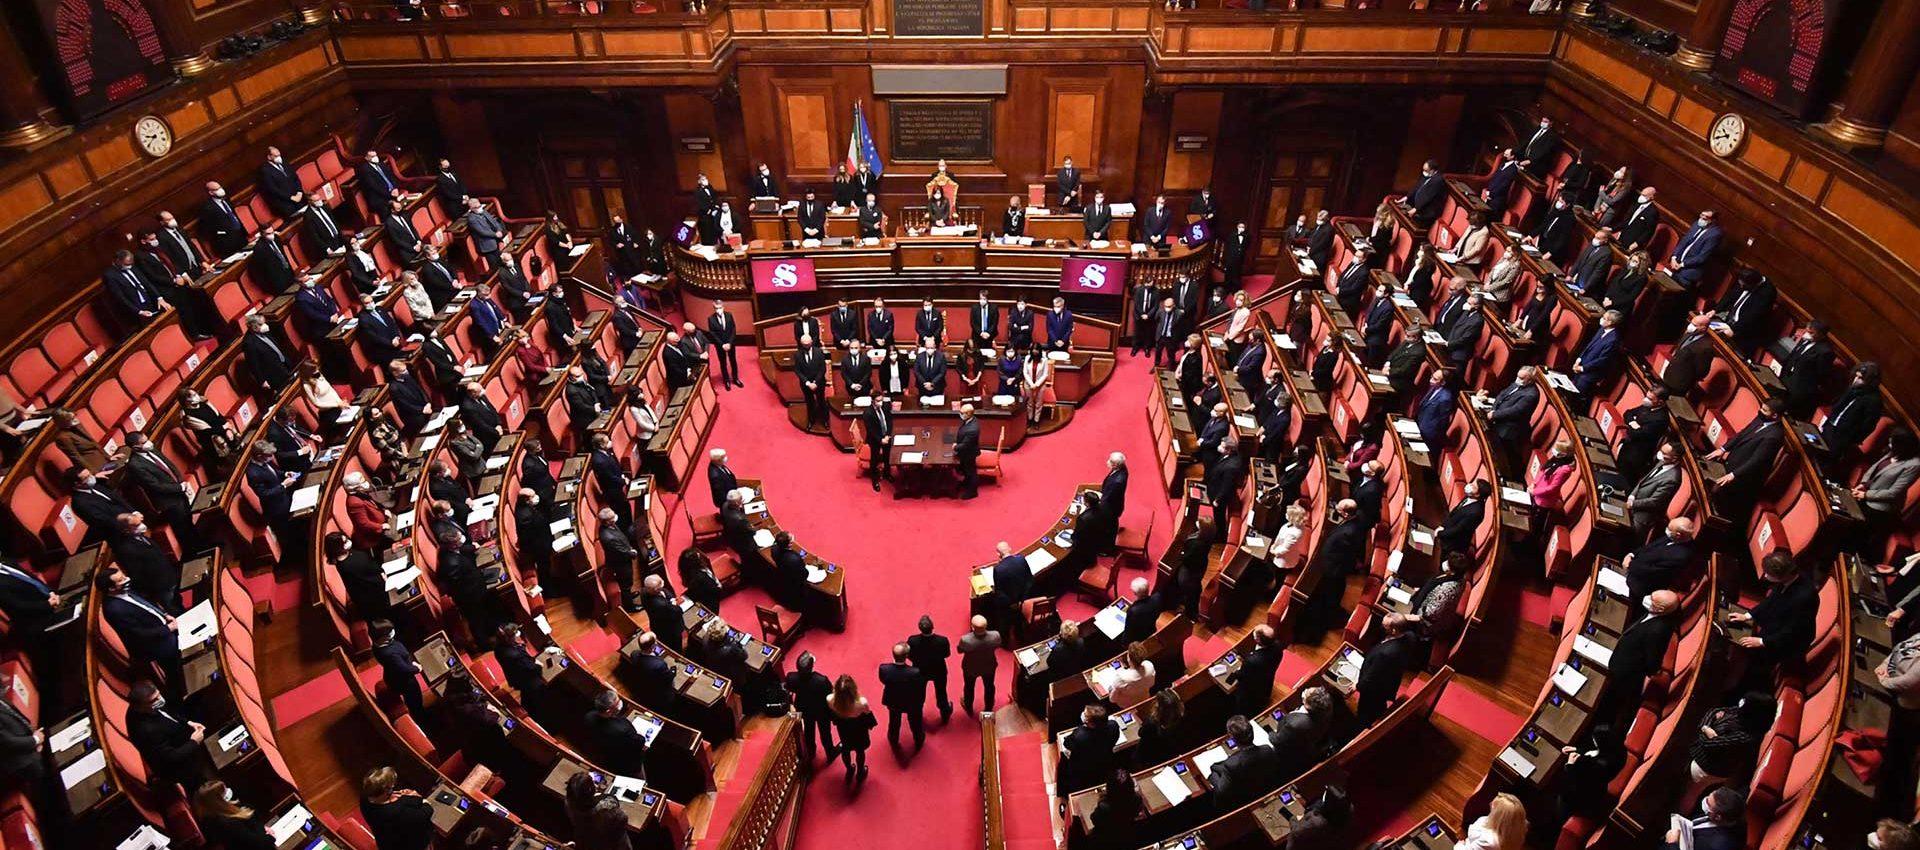 Senato-Copyright-Alessandro-Di-Meo-Ansa